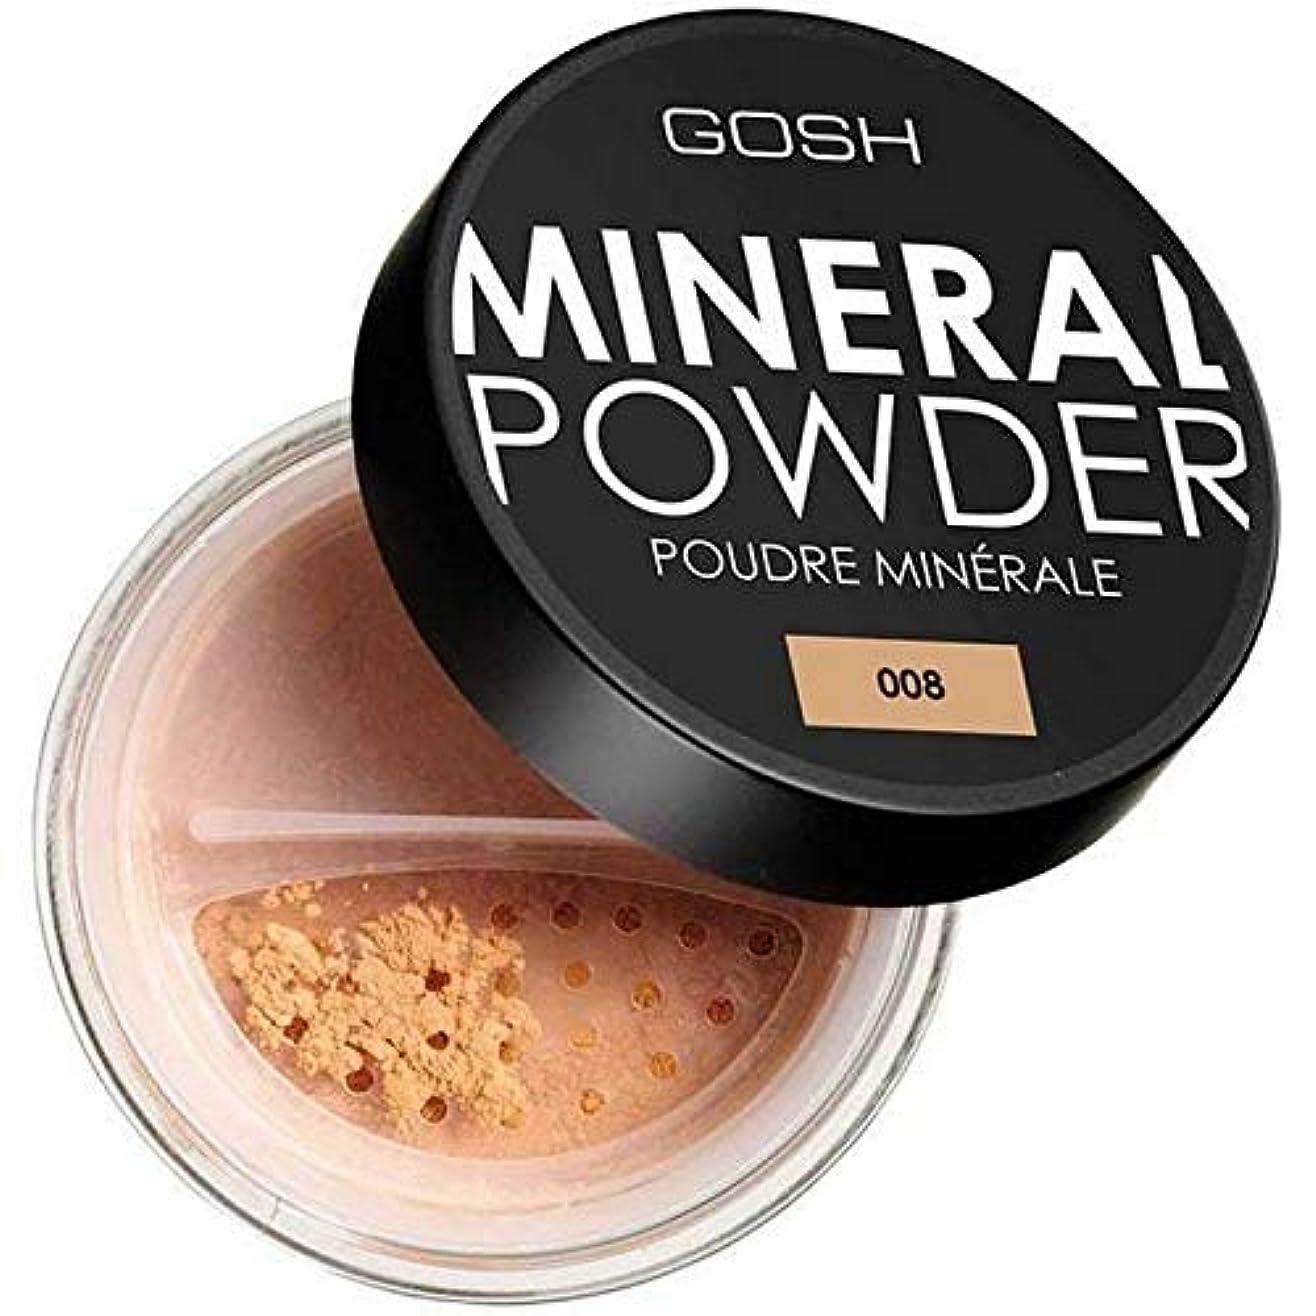 フィドル等々ペット[GOSH ] おやっミネラルフルカバーファンデーションパウダー日焼け008 - GOSH Mineral Full Coverage Foundation Powder Tan 008 [並行輸入品]